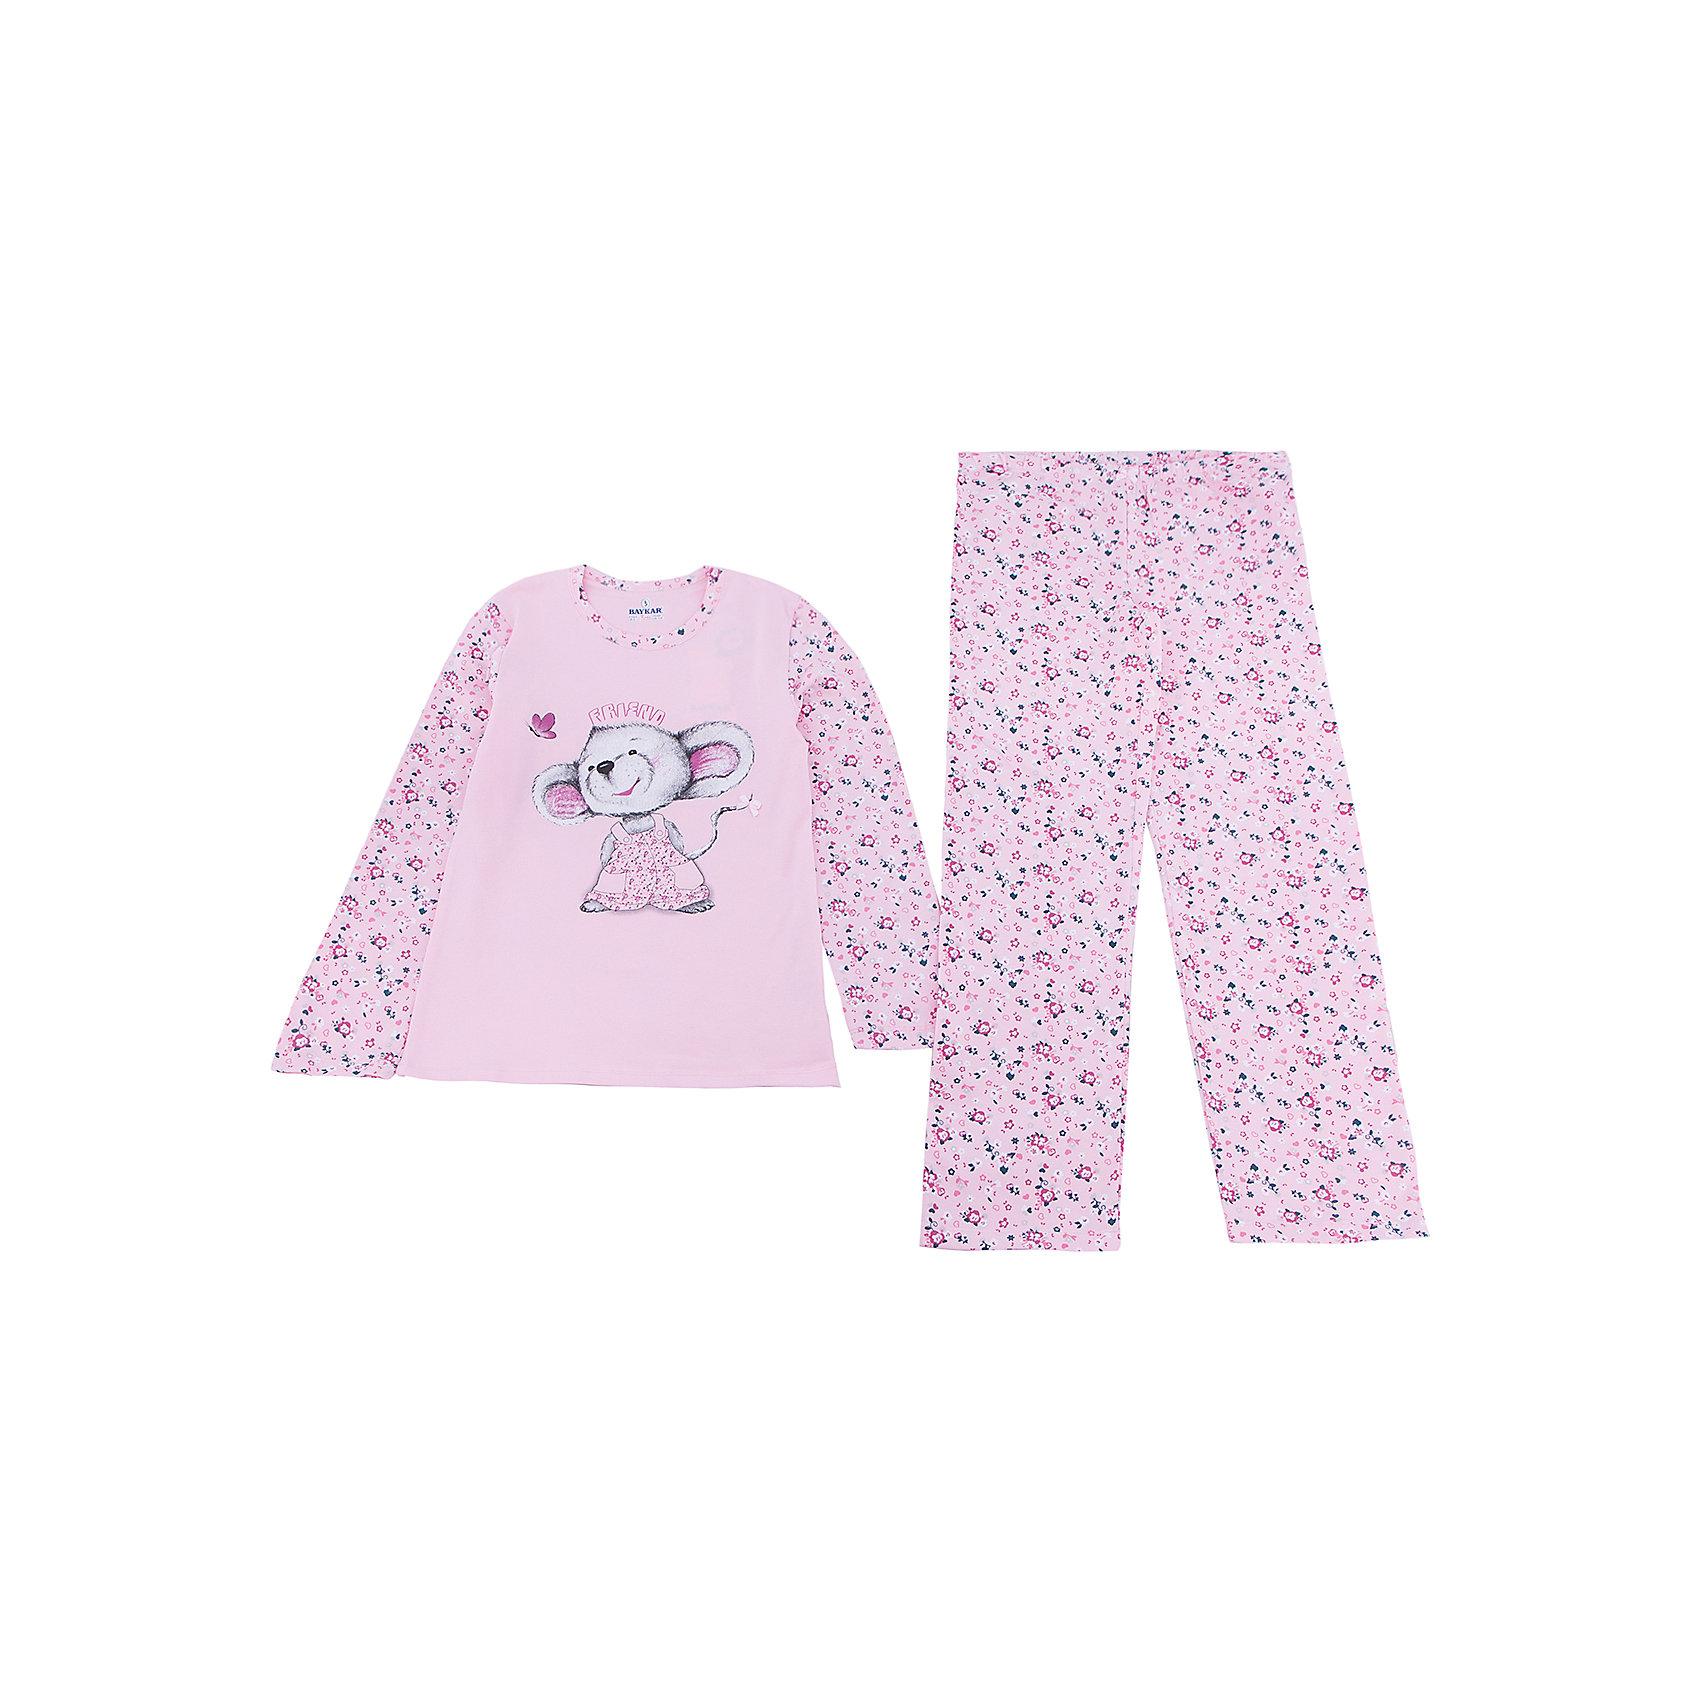 Пижама для девочки BaykarПижамы и сорочки<br>Характеристики товара:<br><br>• цвет: розовый<br>• состав ткани: 95% хлопок; 5% эластан<br>• комплектация: кофта, брюки<br>• пояс брюк: резинка<br>• сезон: круглый год<br>• страна бренда: Турция<br>• страна изготовитель: Турция<br><br>Качественная пижама для девочки позволяет обеспечить комфортный сон. Этот комплект для сна из кофты и брюк сделан из мягкого дышащего материала. <br><br>Пижама для девочки Baykar украшена симпатичным принтом. Свободный крой обеспечивает комфортную посадку.<br><br>Пижаму для девочки Baykar (Байкар) можно купить в нашем интернет-магазине.<br><br>Ширина мм: 281<br>Глубина мм: 70<br>Высота мм: 188<br>Вес г: 295<br>Цвет: белый<br>Возраст от месяцев: 120<br>Возраст до месяцев: 132<br>Пол: Женский<br>Возраст: Детский<br>Размер: 140/146,134/140,122/128,128/134<br>SKU: 6764729